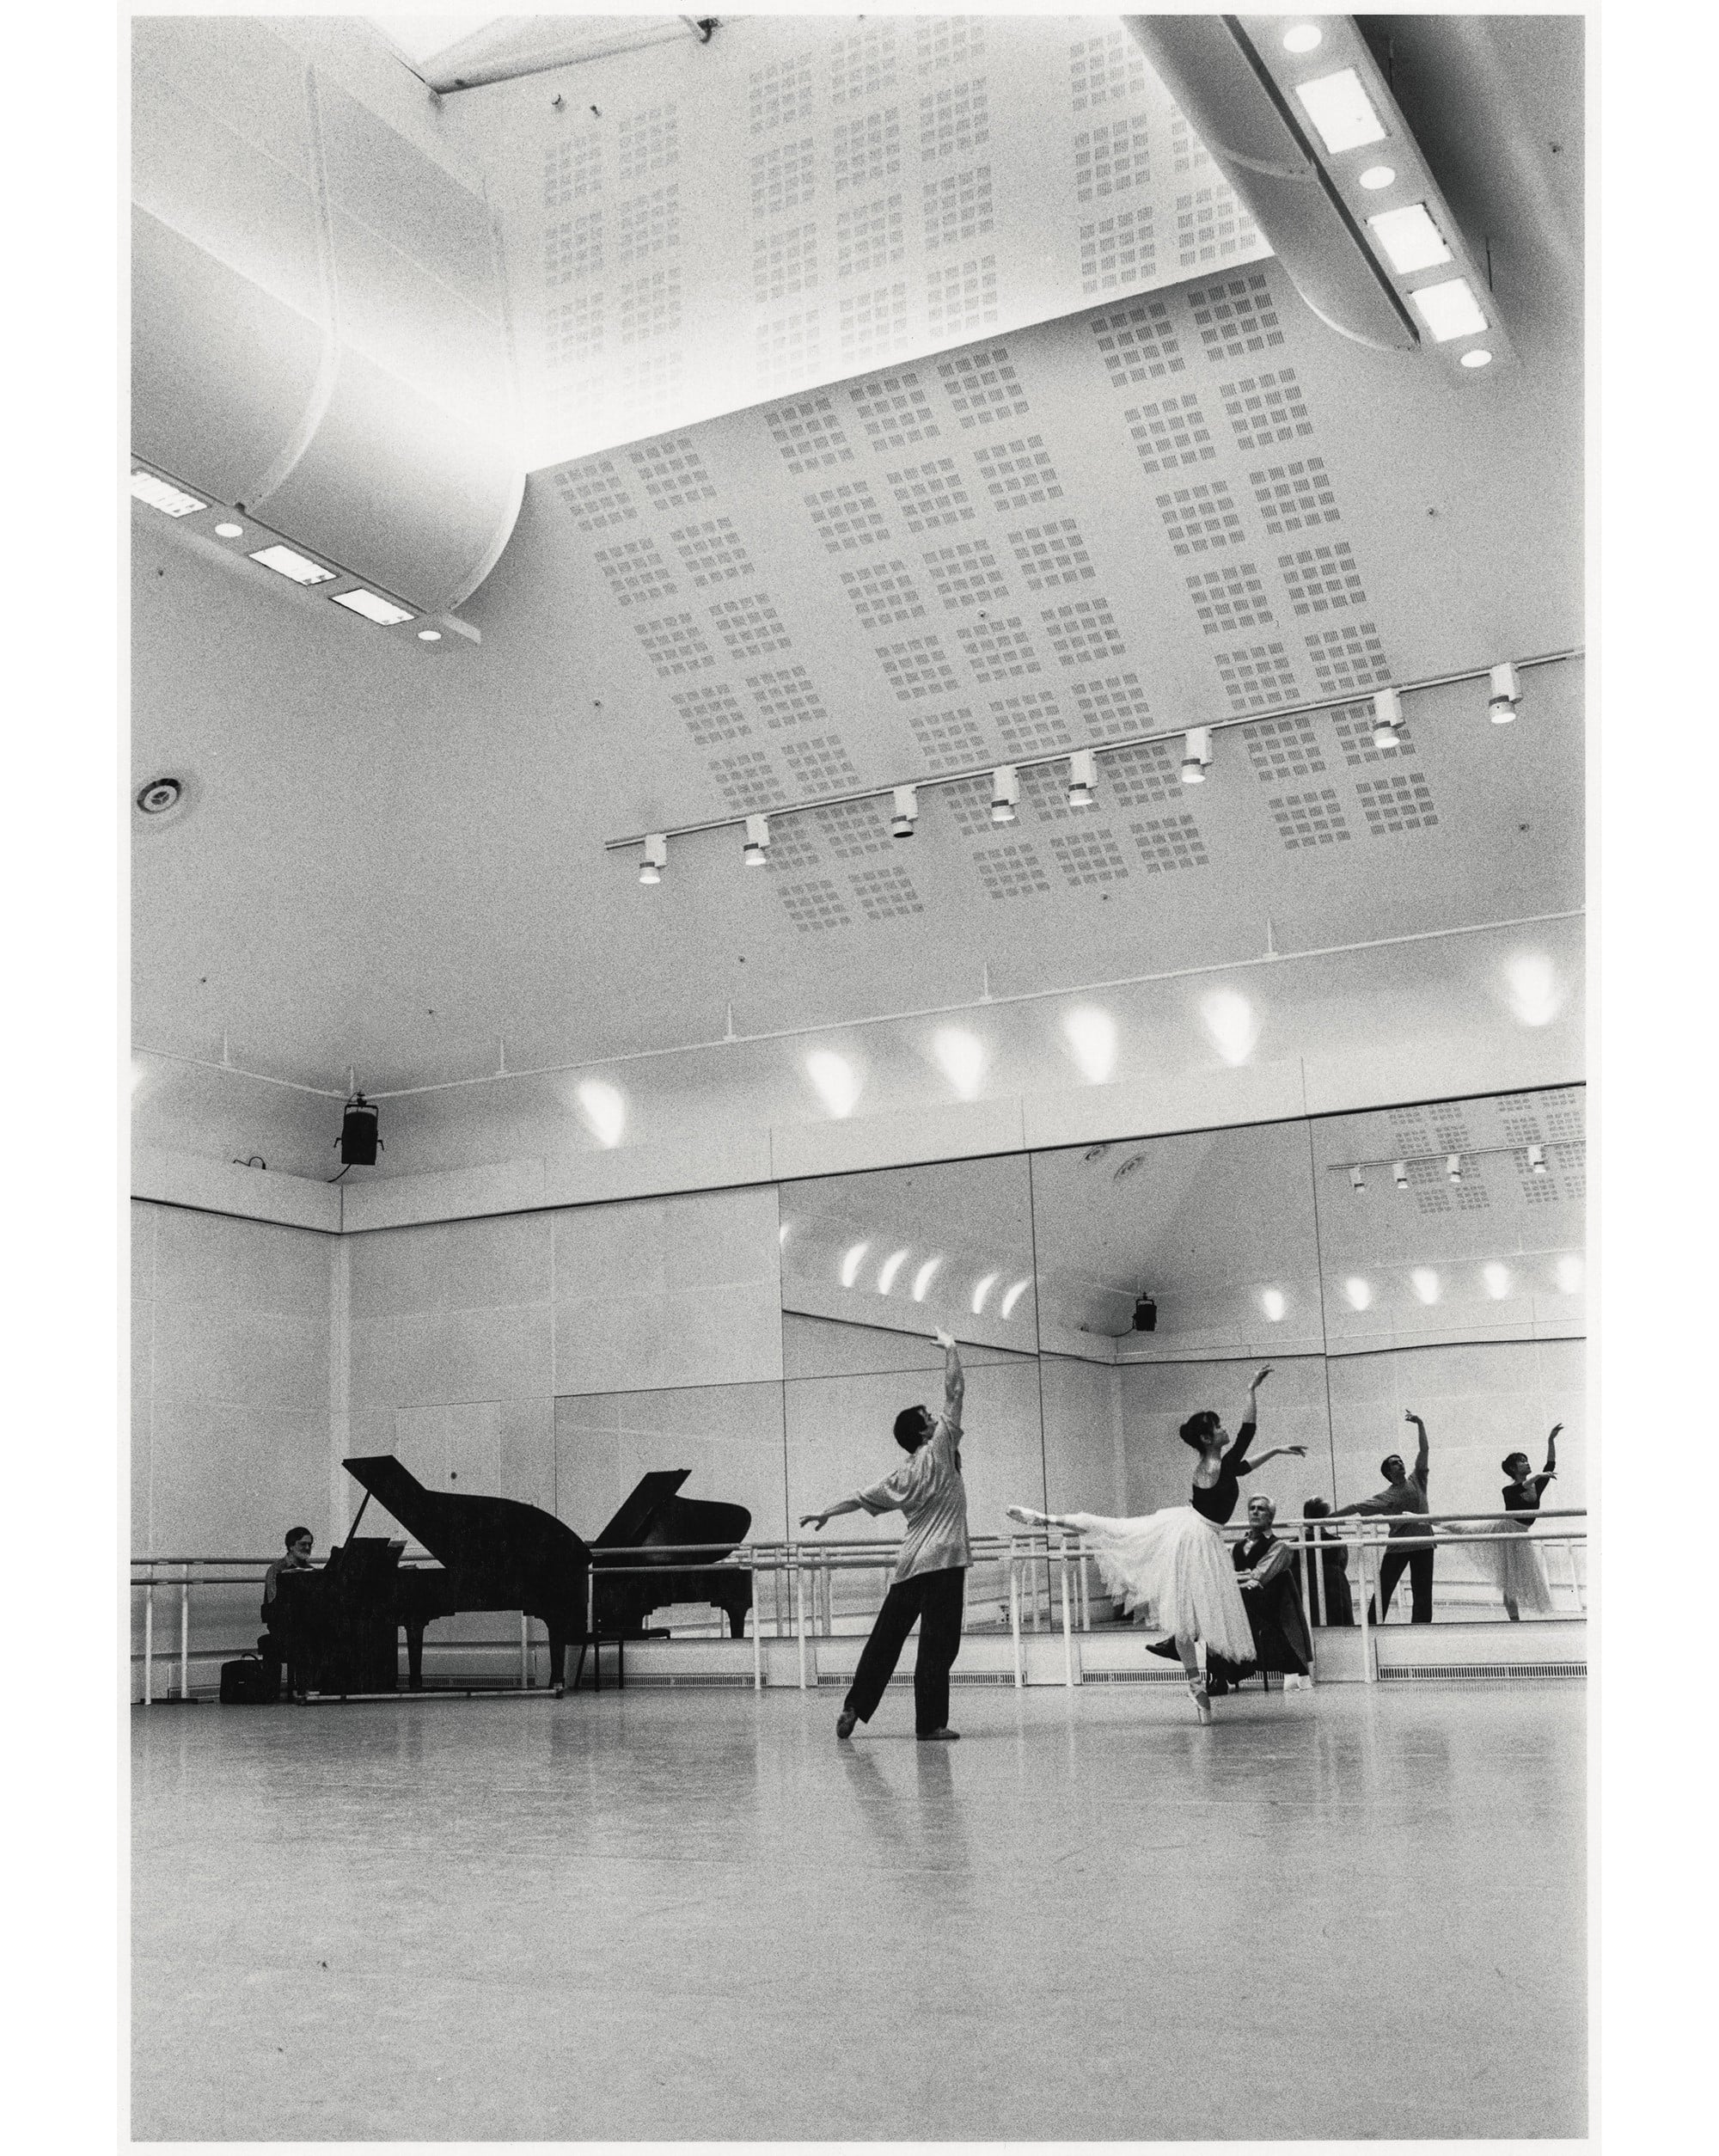 英国皇家芭蕾舞团时期在Ashton Studio与经典搭档Irek Mukhamedov一起练习的场景。出自《吉田都——永远的首席》(河出书房新社)。 Photography by ©Yuko Miyazawa